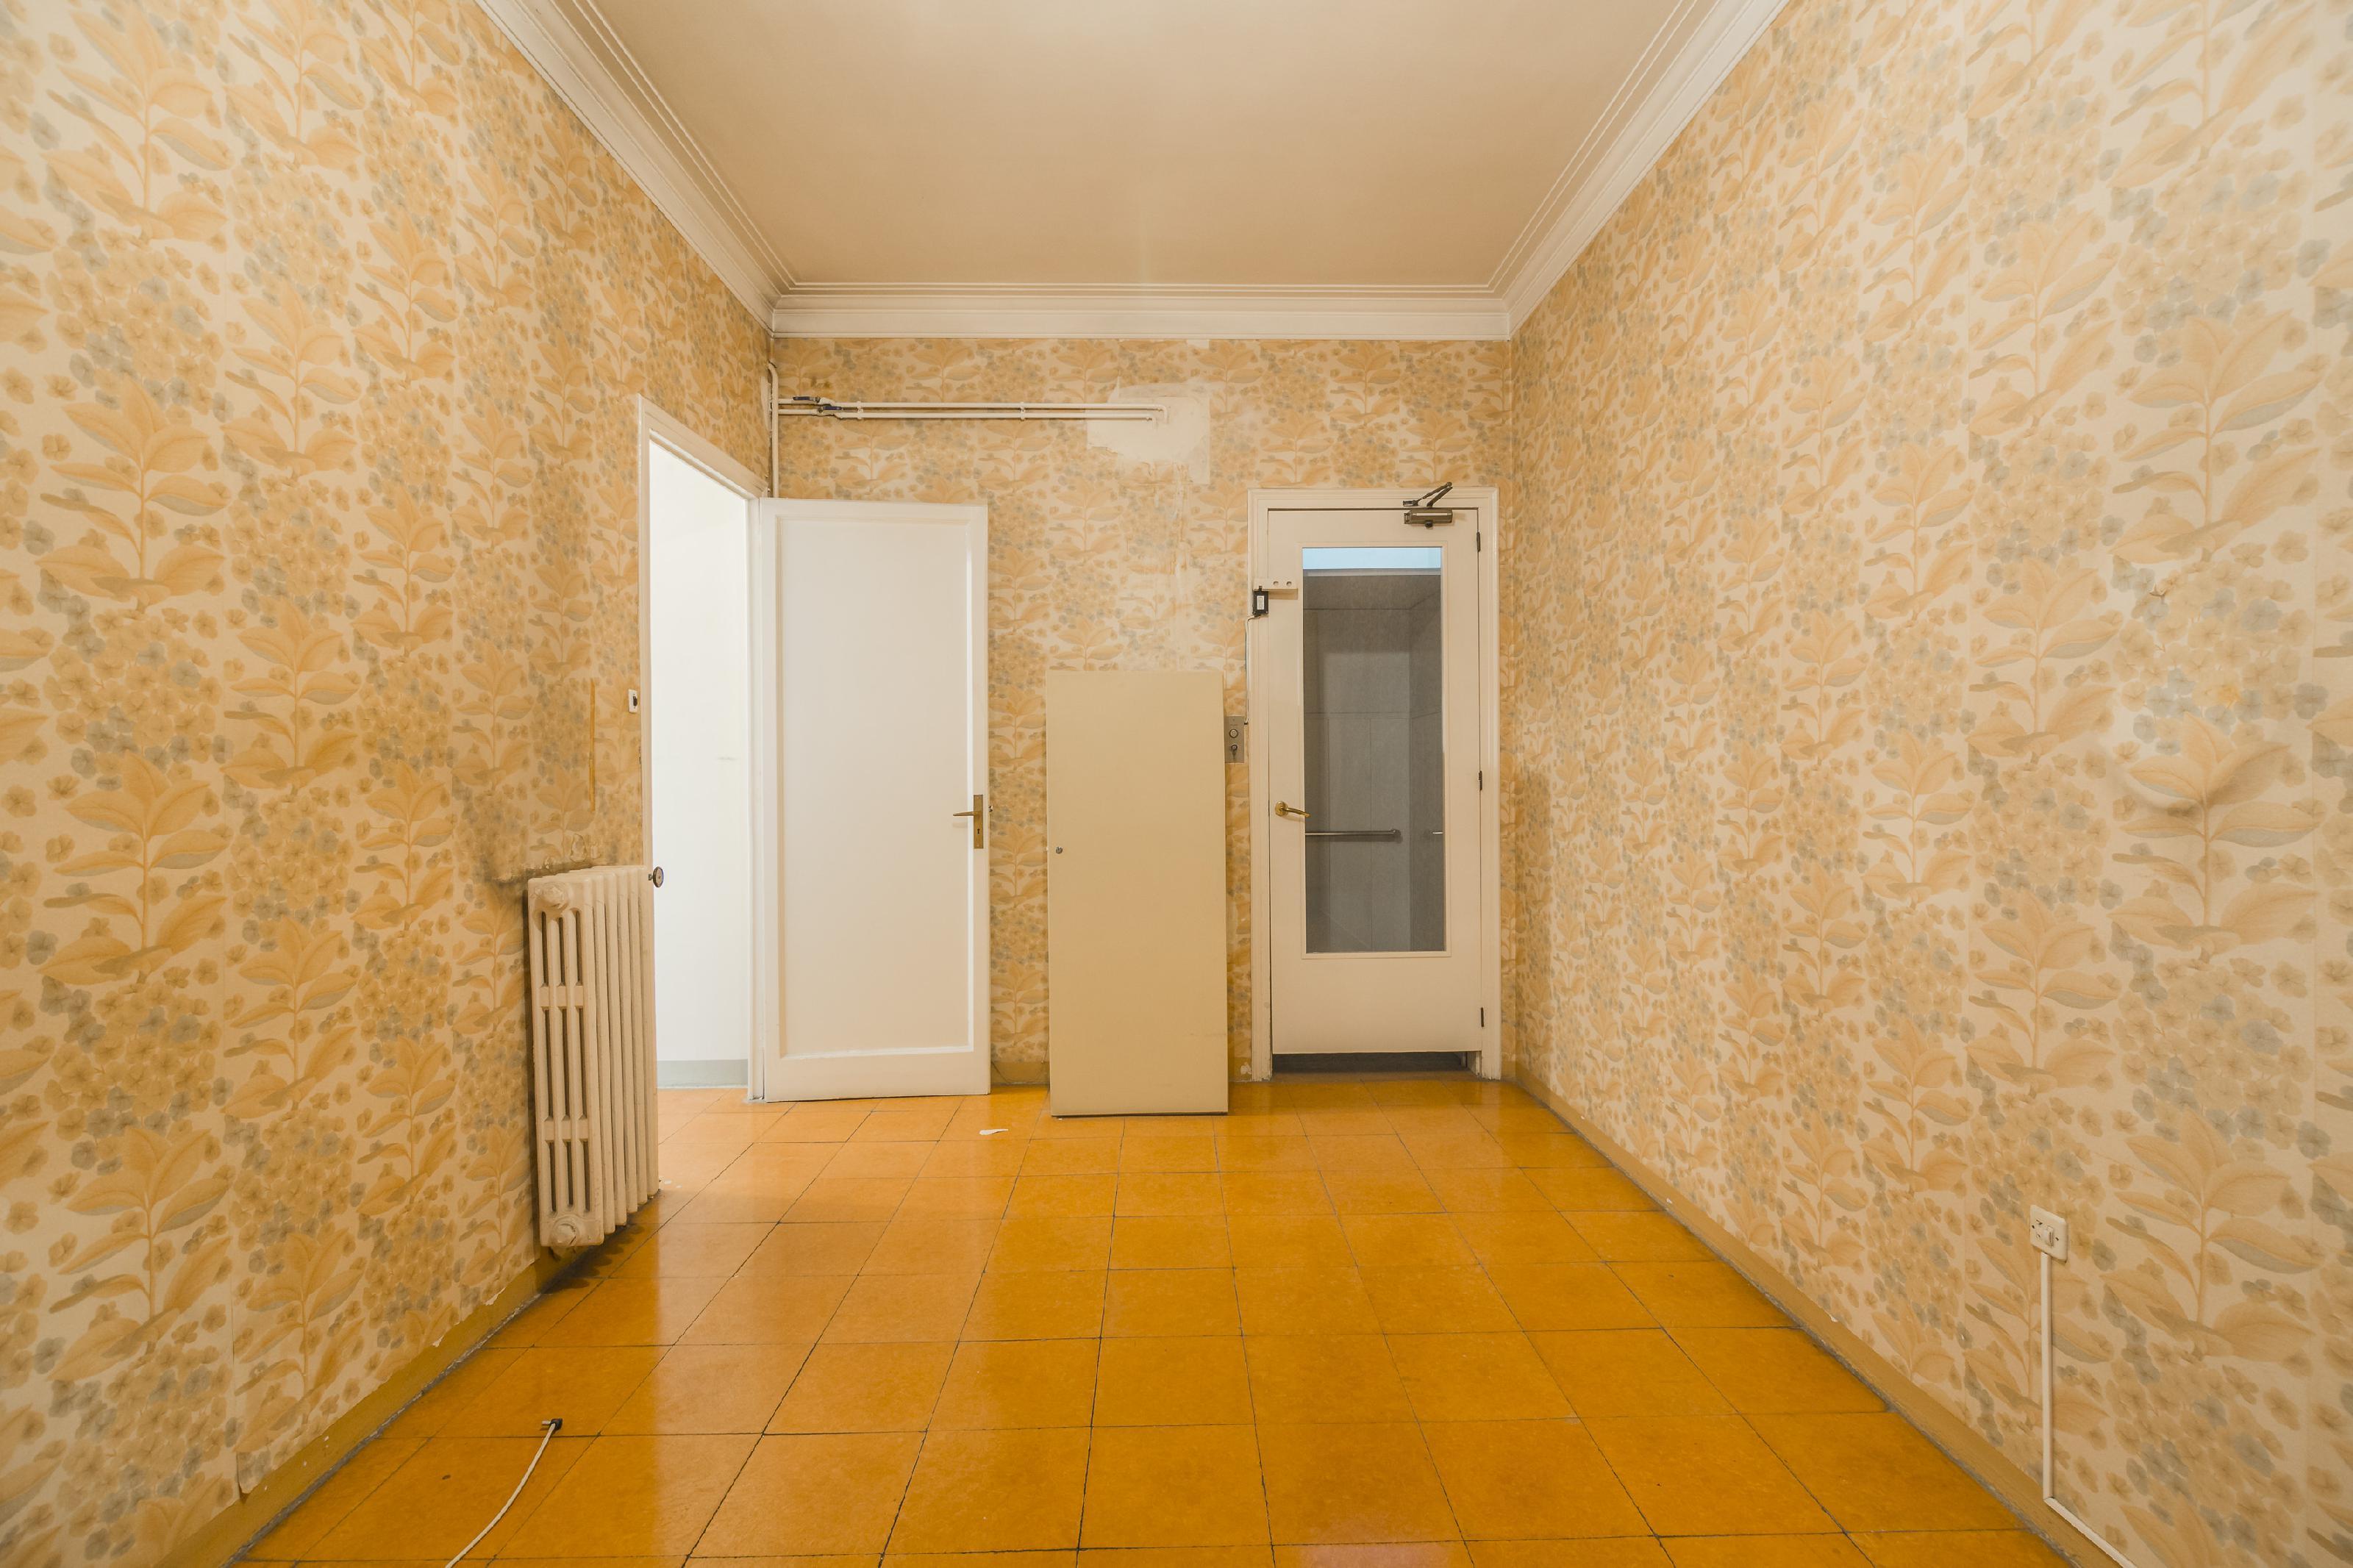 246643 Ático en venda en Sarrià-Sant Gervasi, St. Gervasi-Bonanova 23